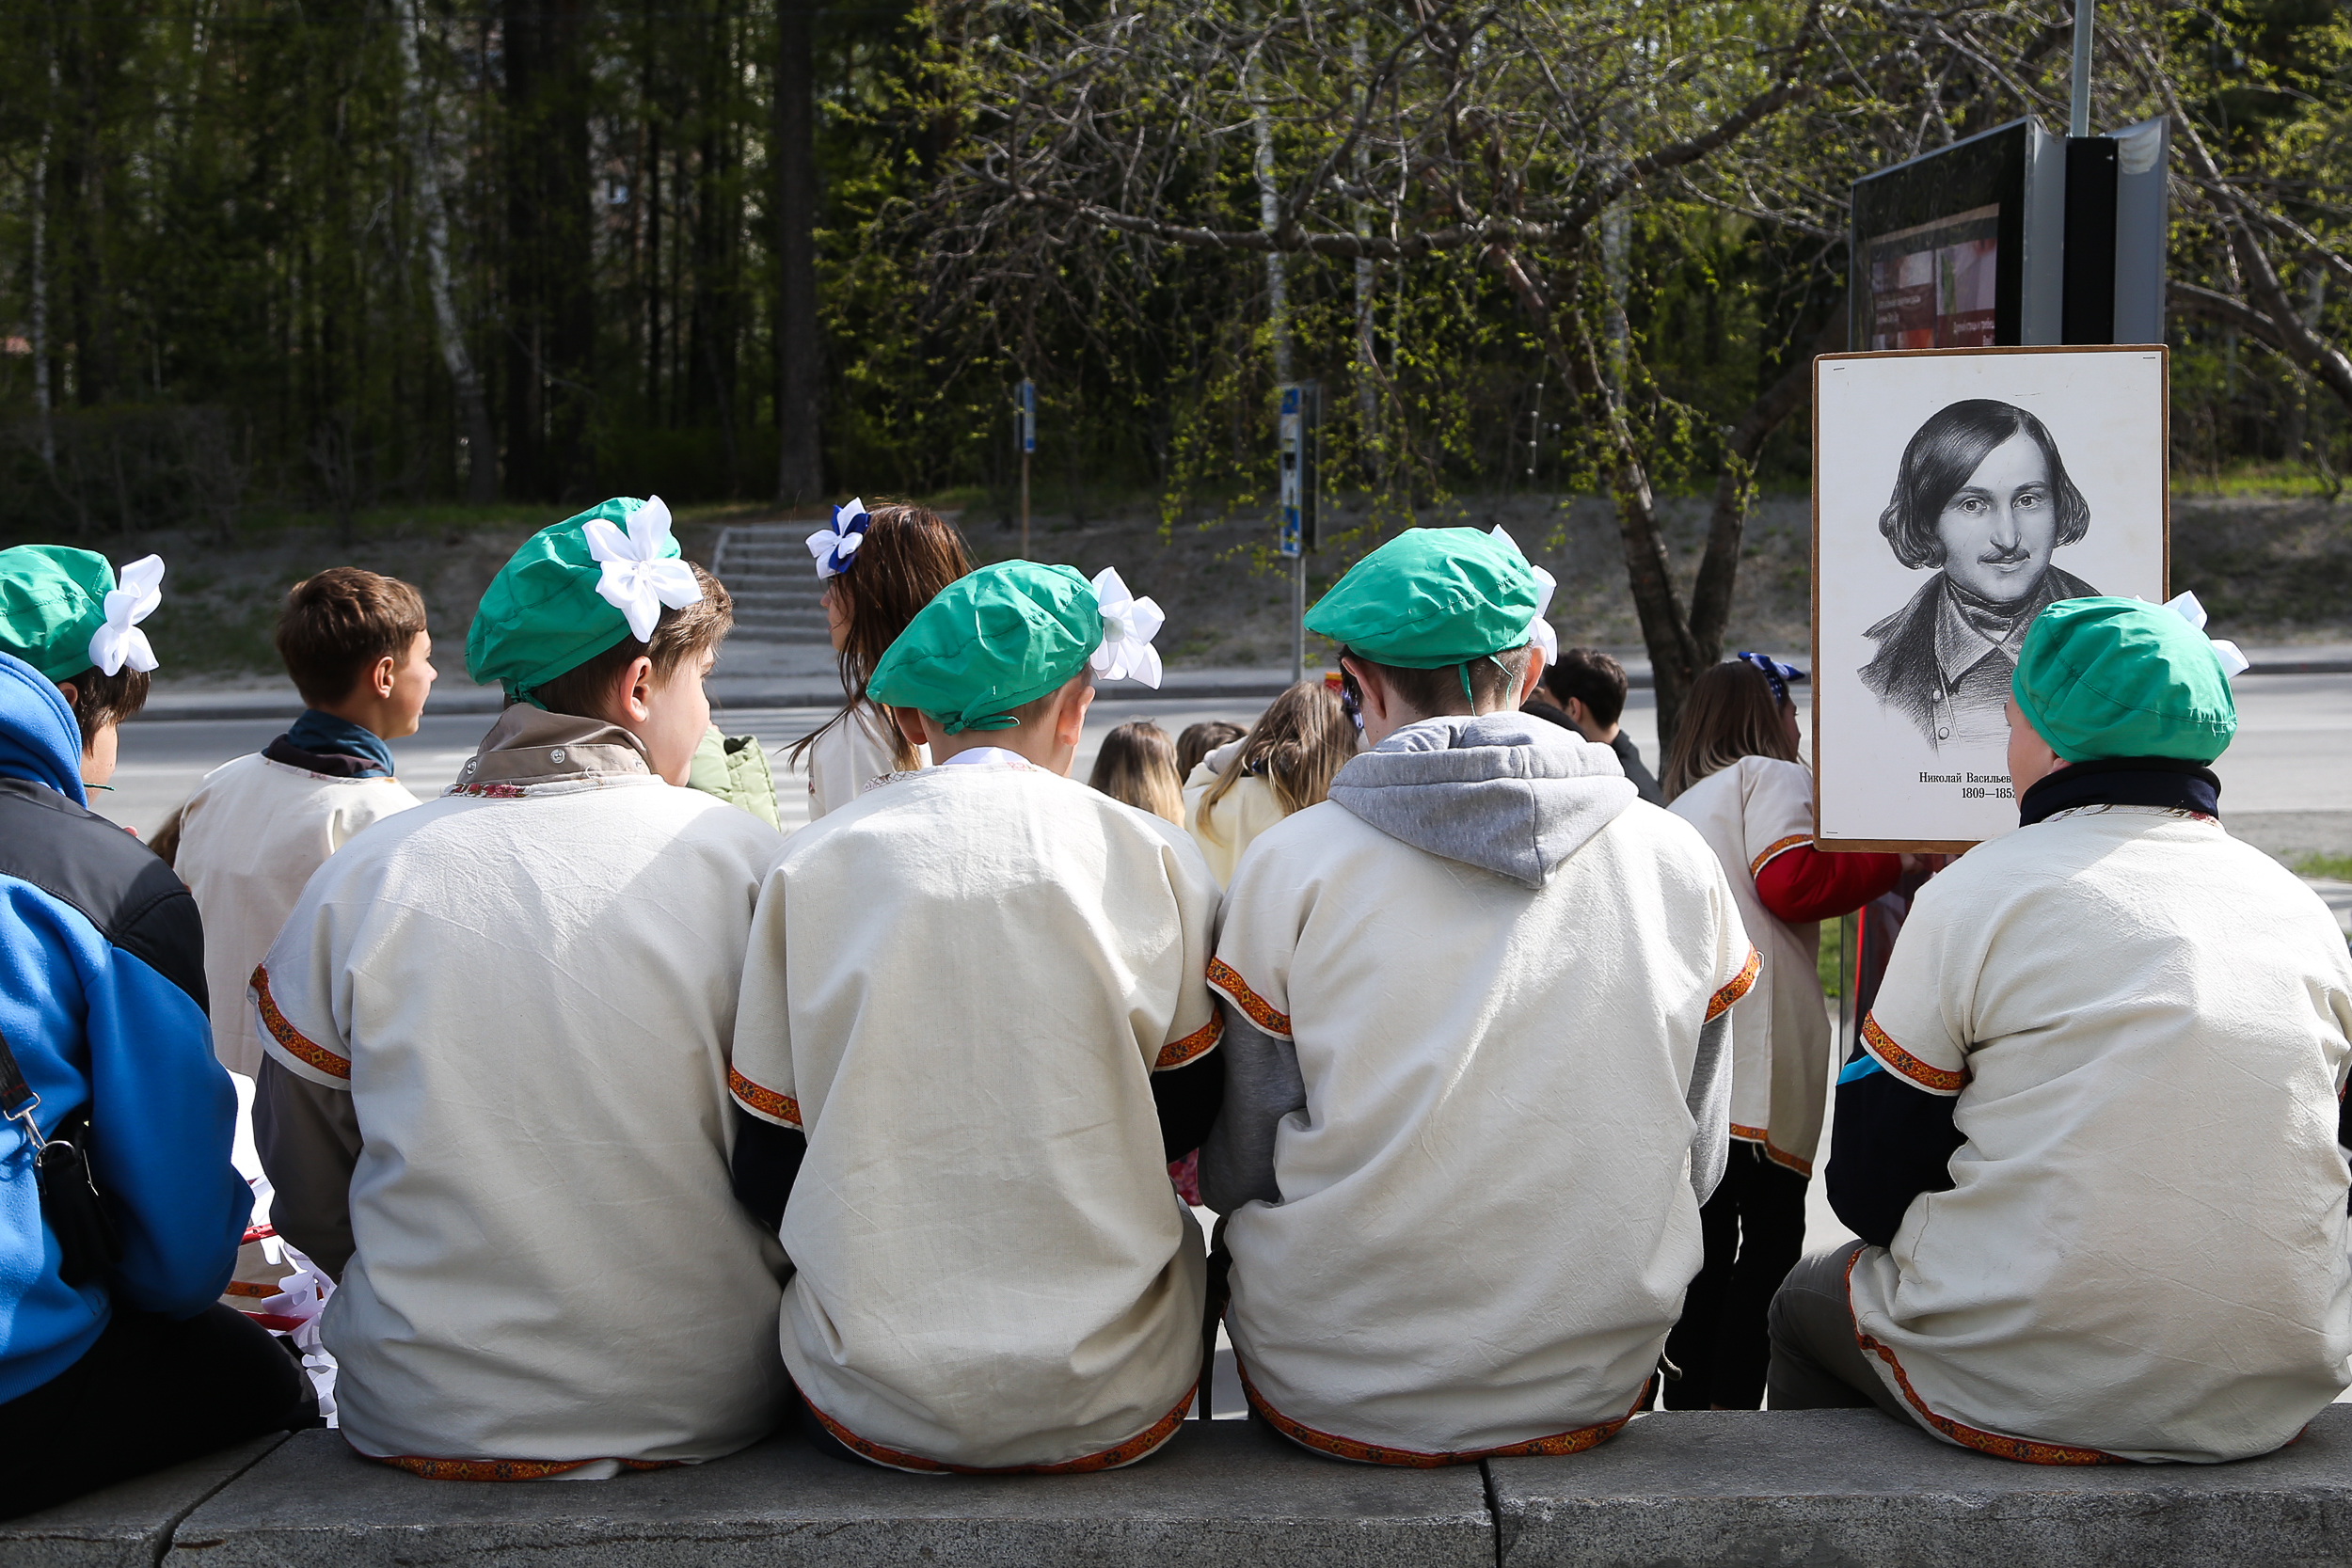 Многие школьники принесли с собой портреты известных писателей